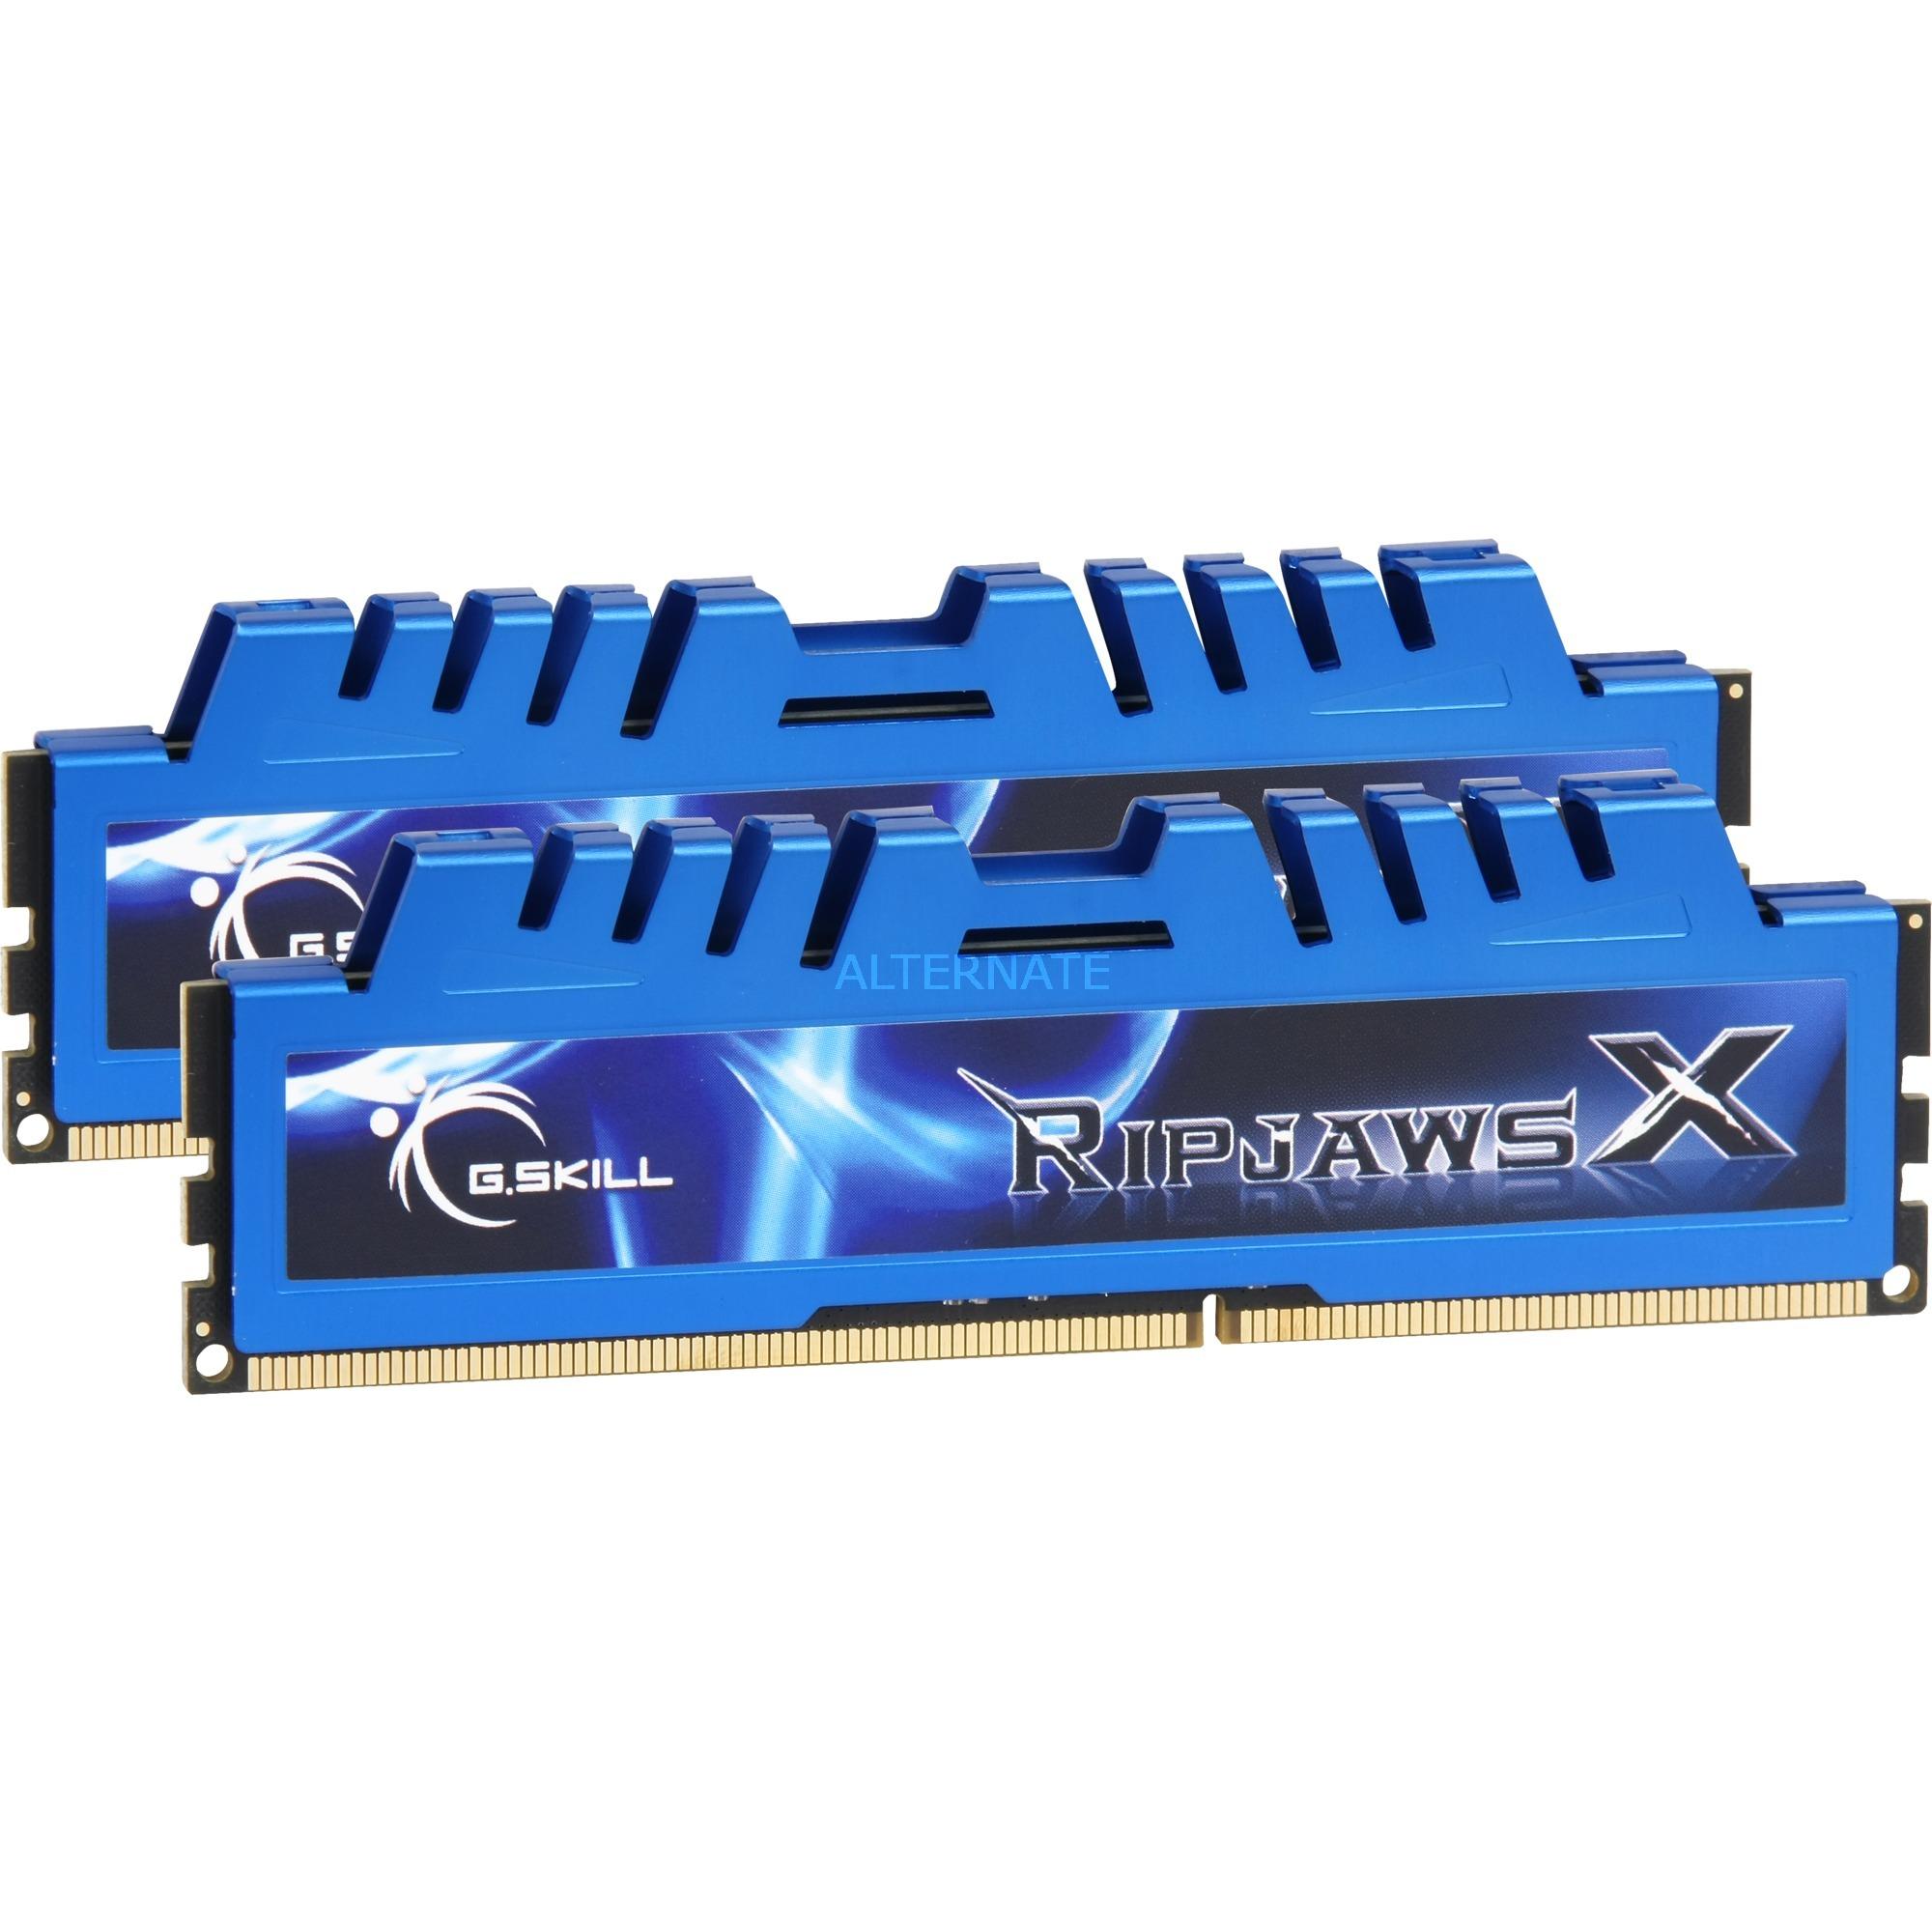 8GB DDR3-2133 RipjawsX 8Go DDR3 2133MHz module de mémoire